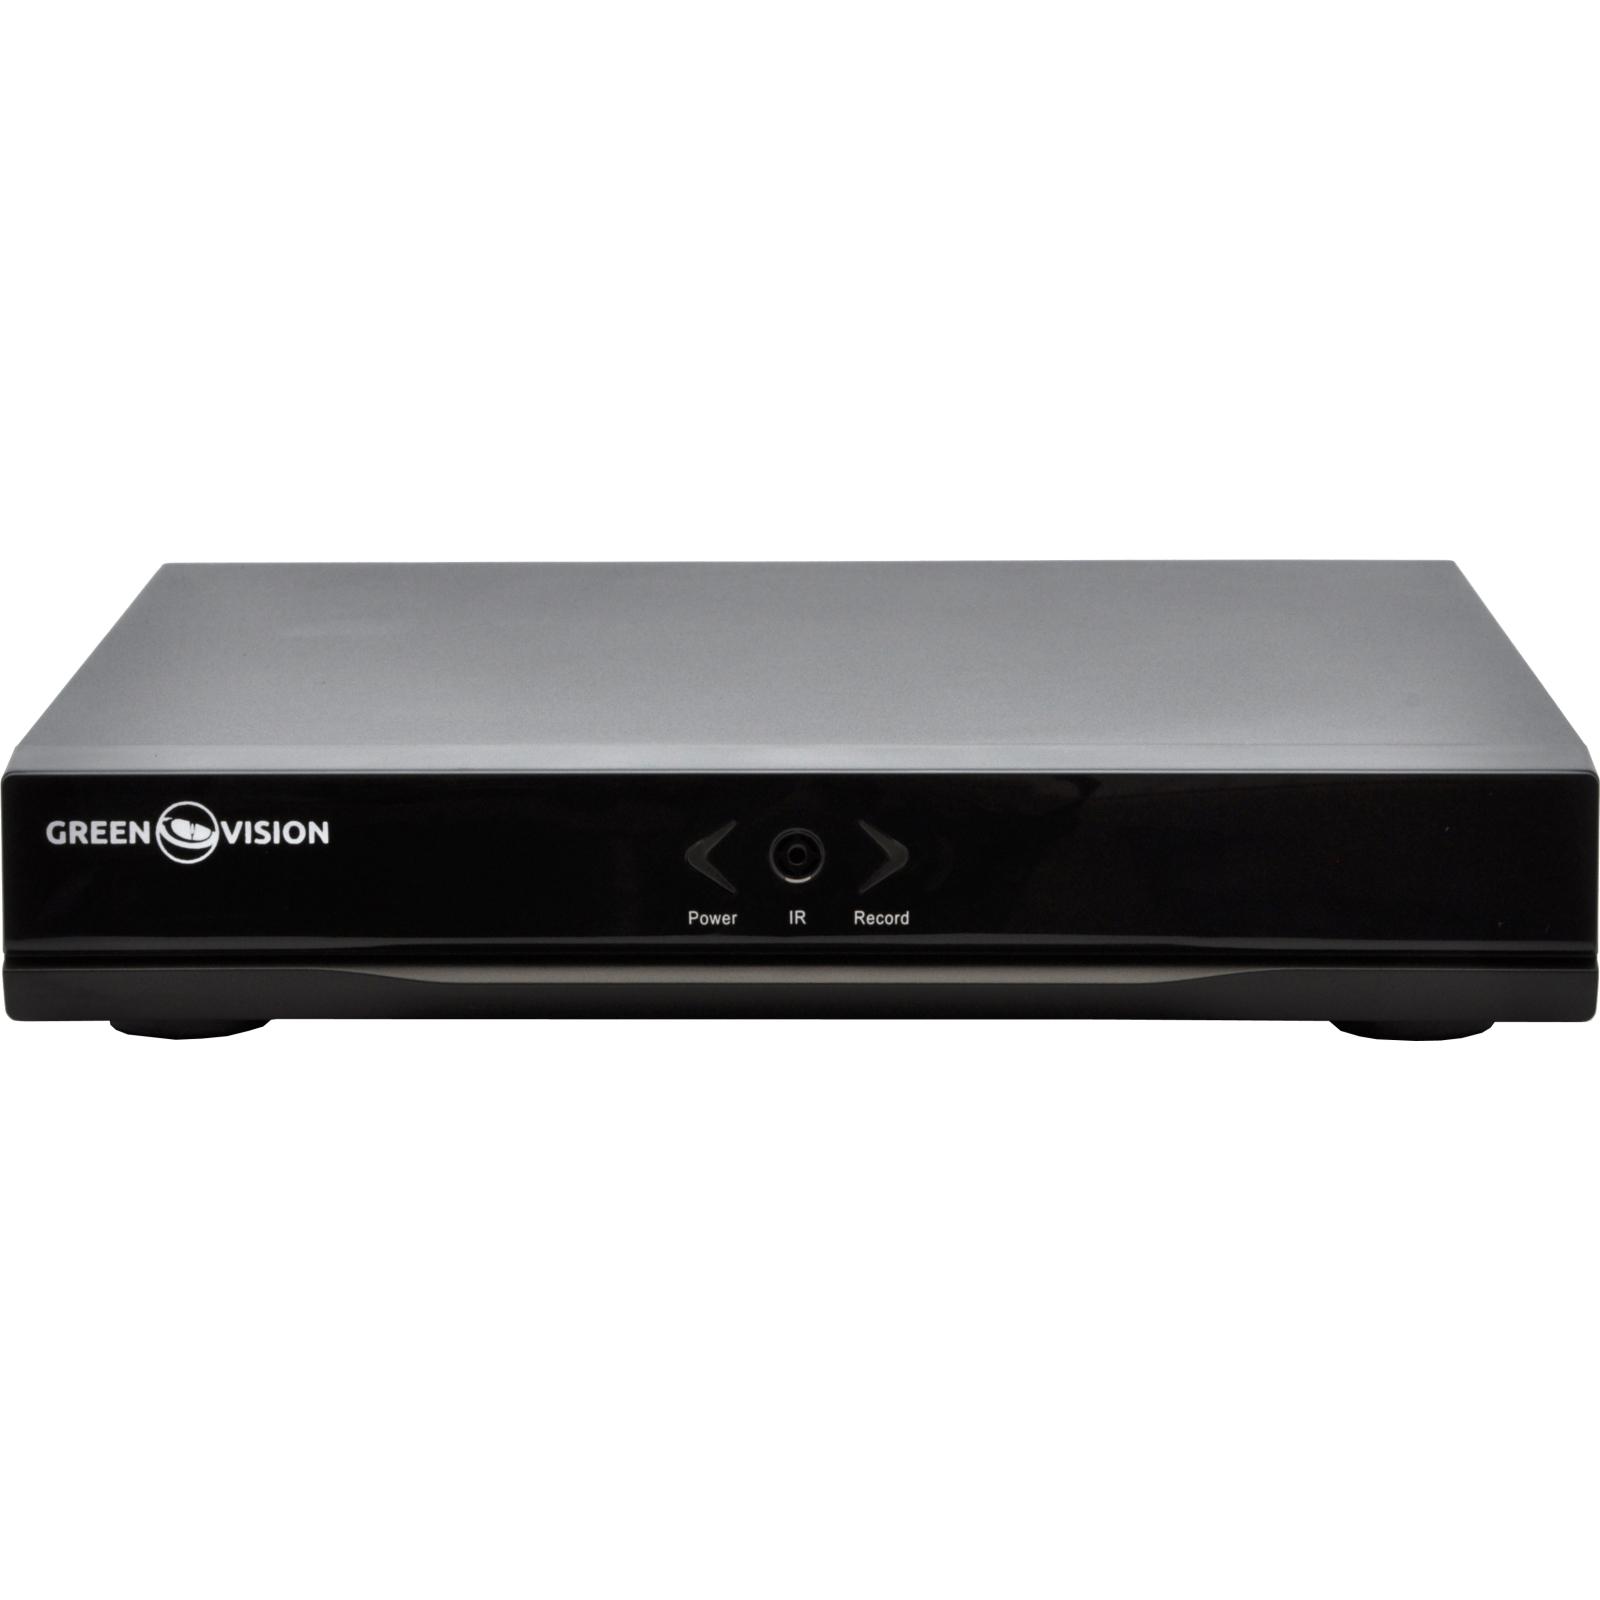 Регистратор для видеонаблюдения GreenVision AHD GV-A-S 030/04 (4237) изображение 2